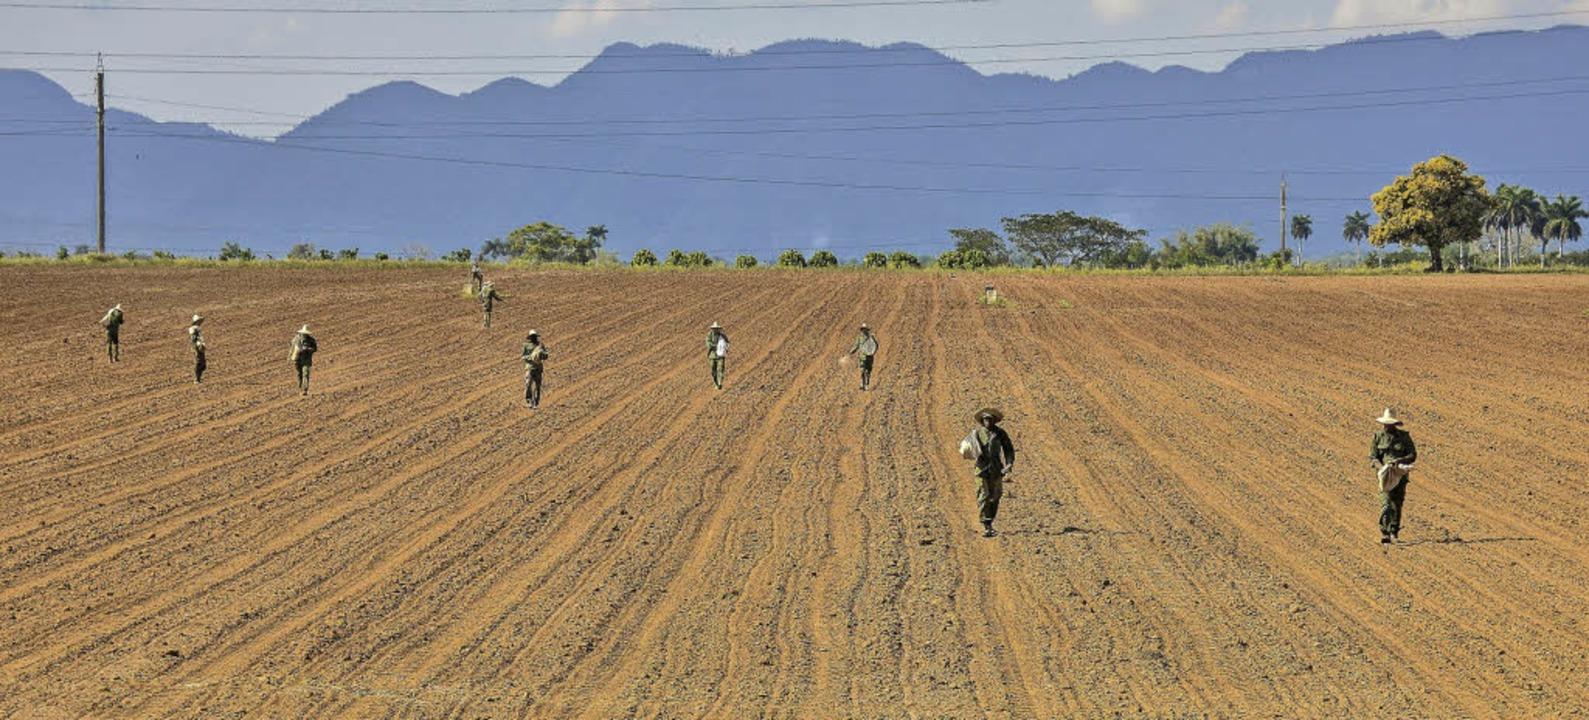 In Kubas Landwirtschaft fehlen noch Maschinen – vieles ist Handarbeit.   | Foto: AFP / Lichterbeck(2)